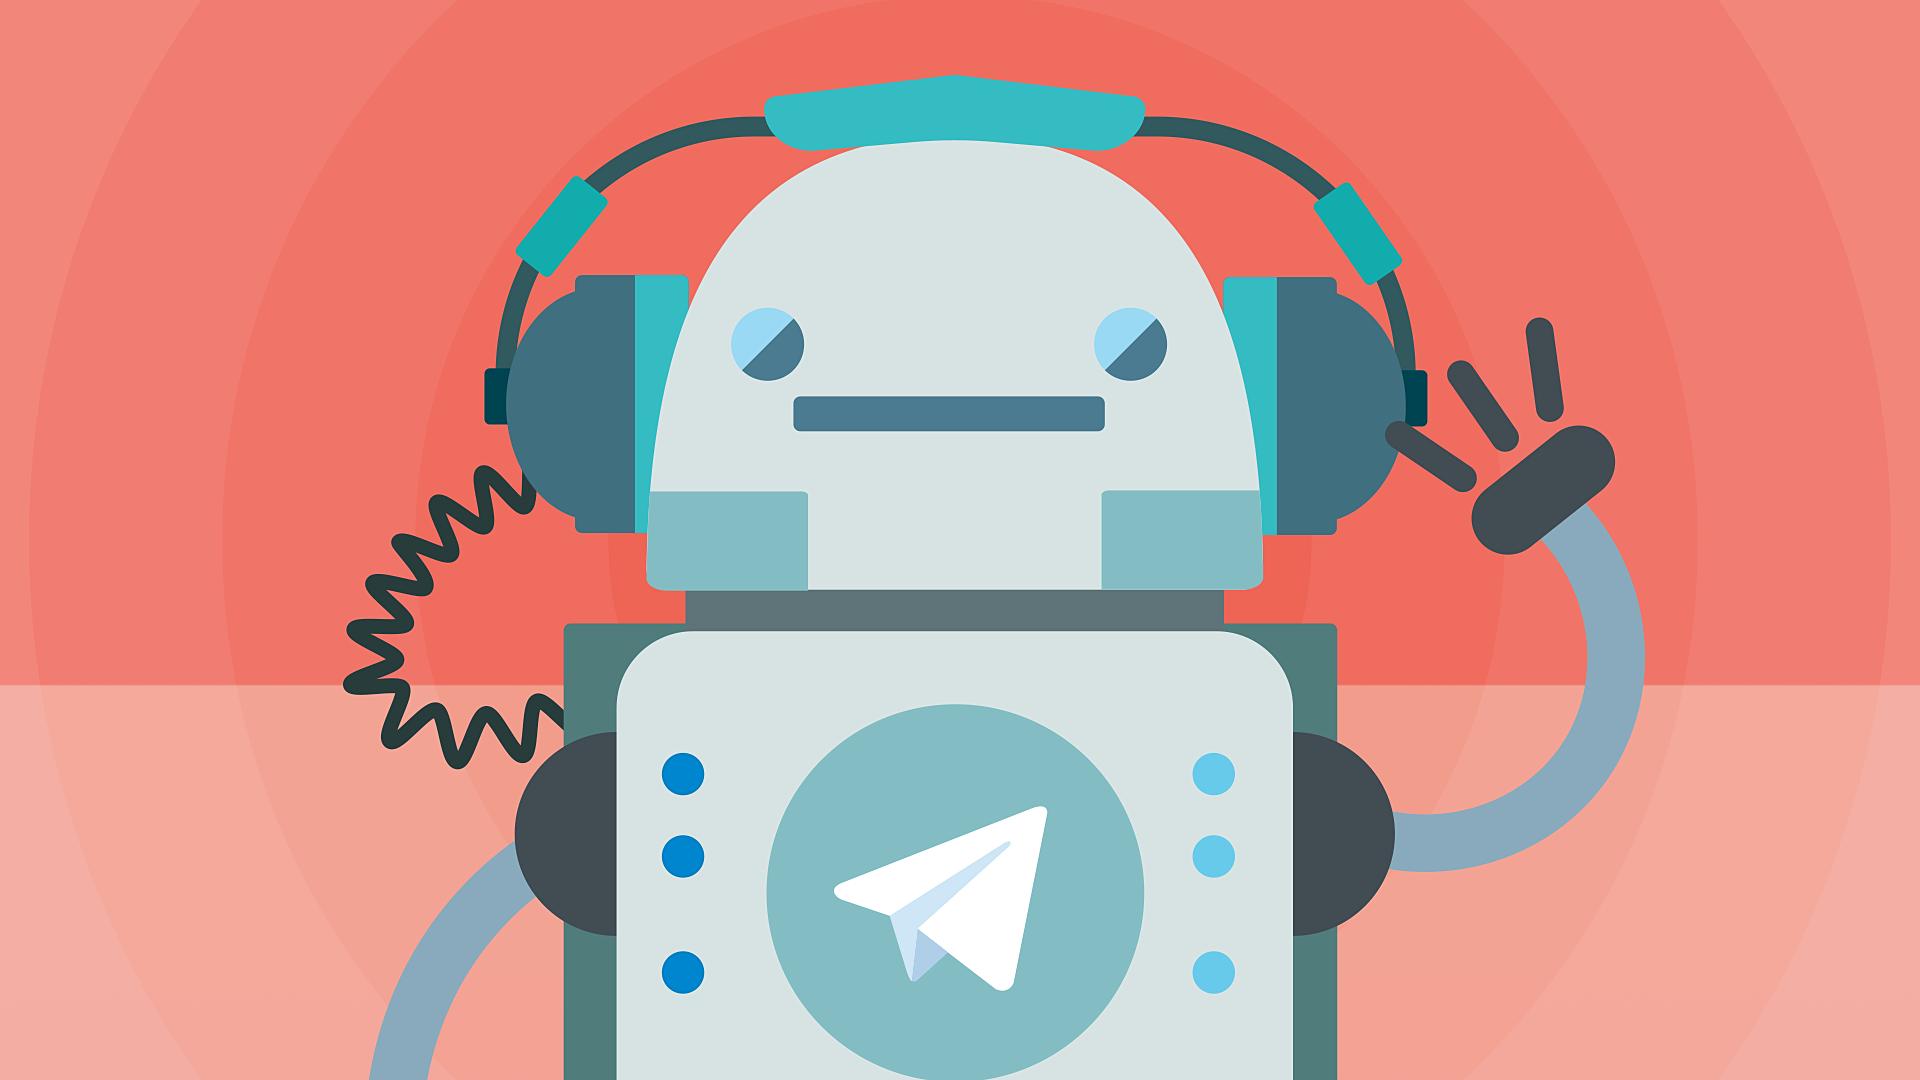 Вебинар Воркшоп по программированию «Написание Телеграм-бота» фото